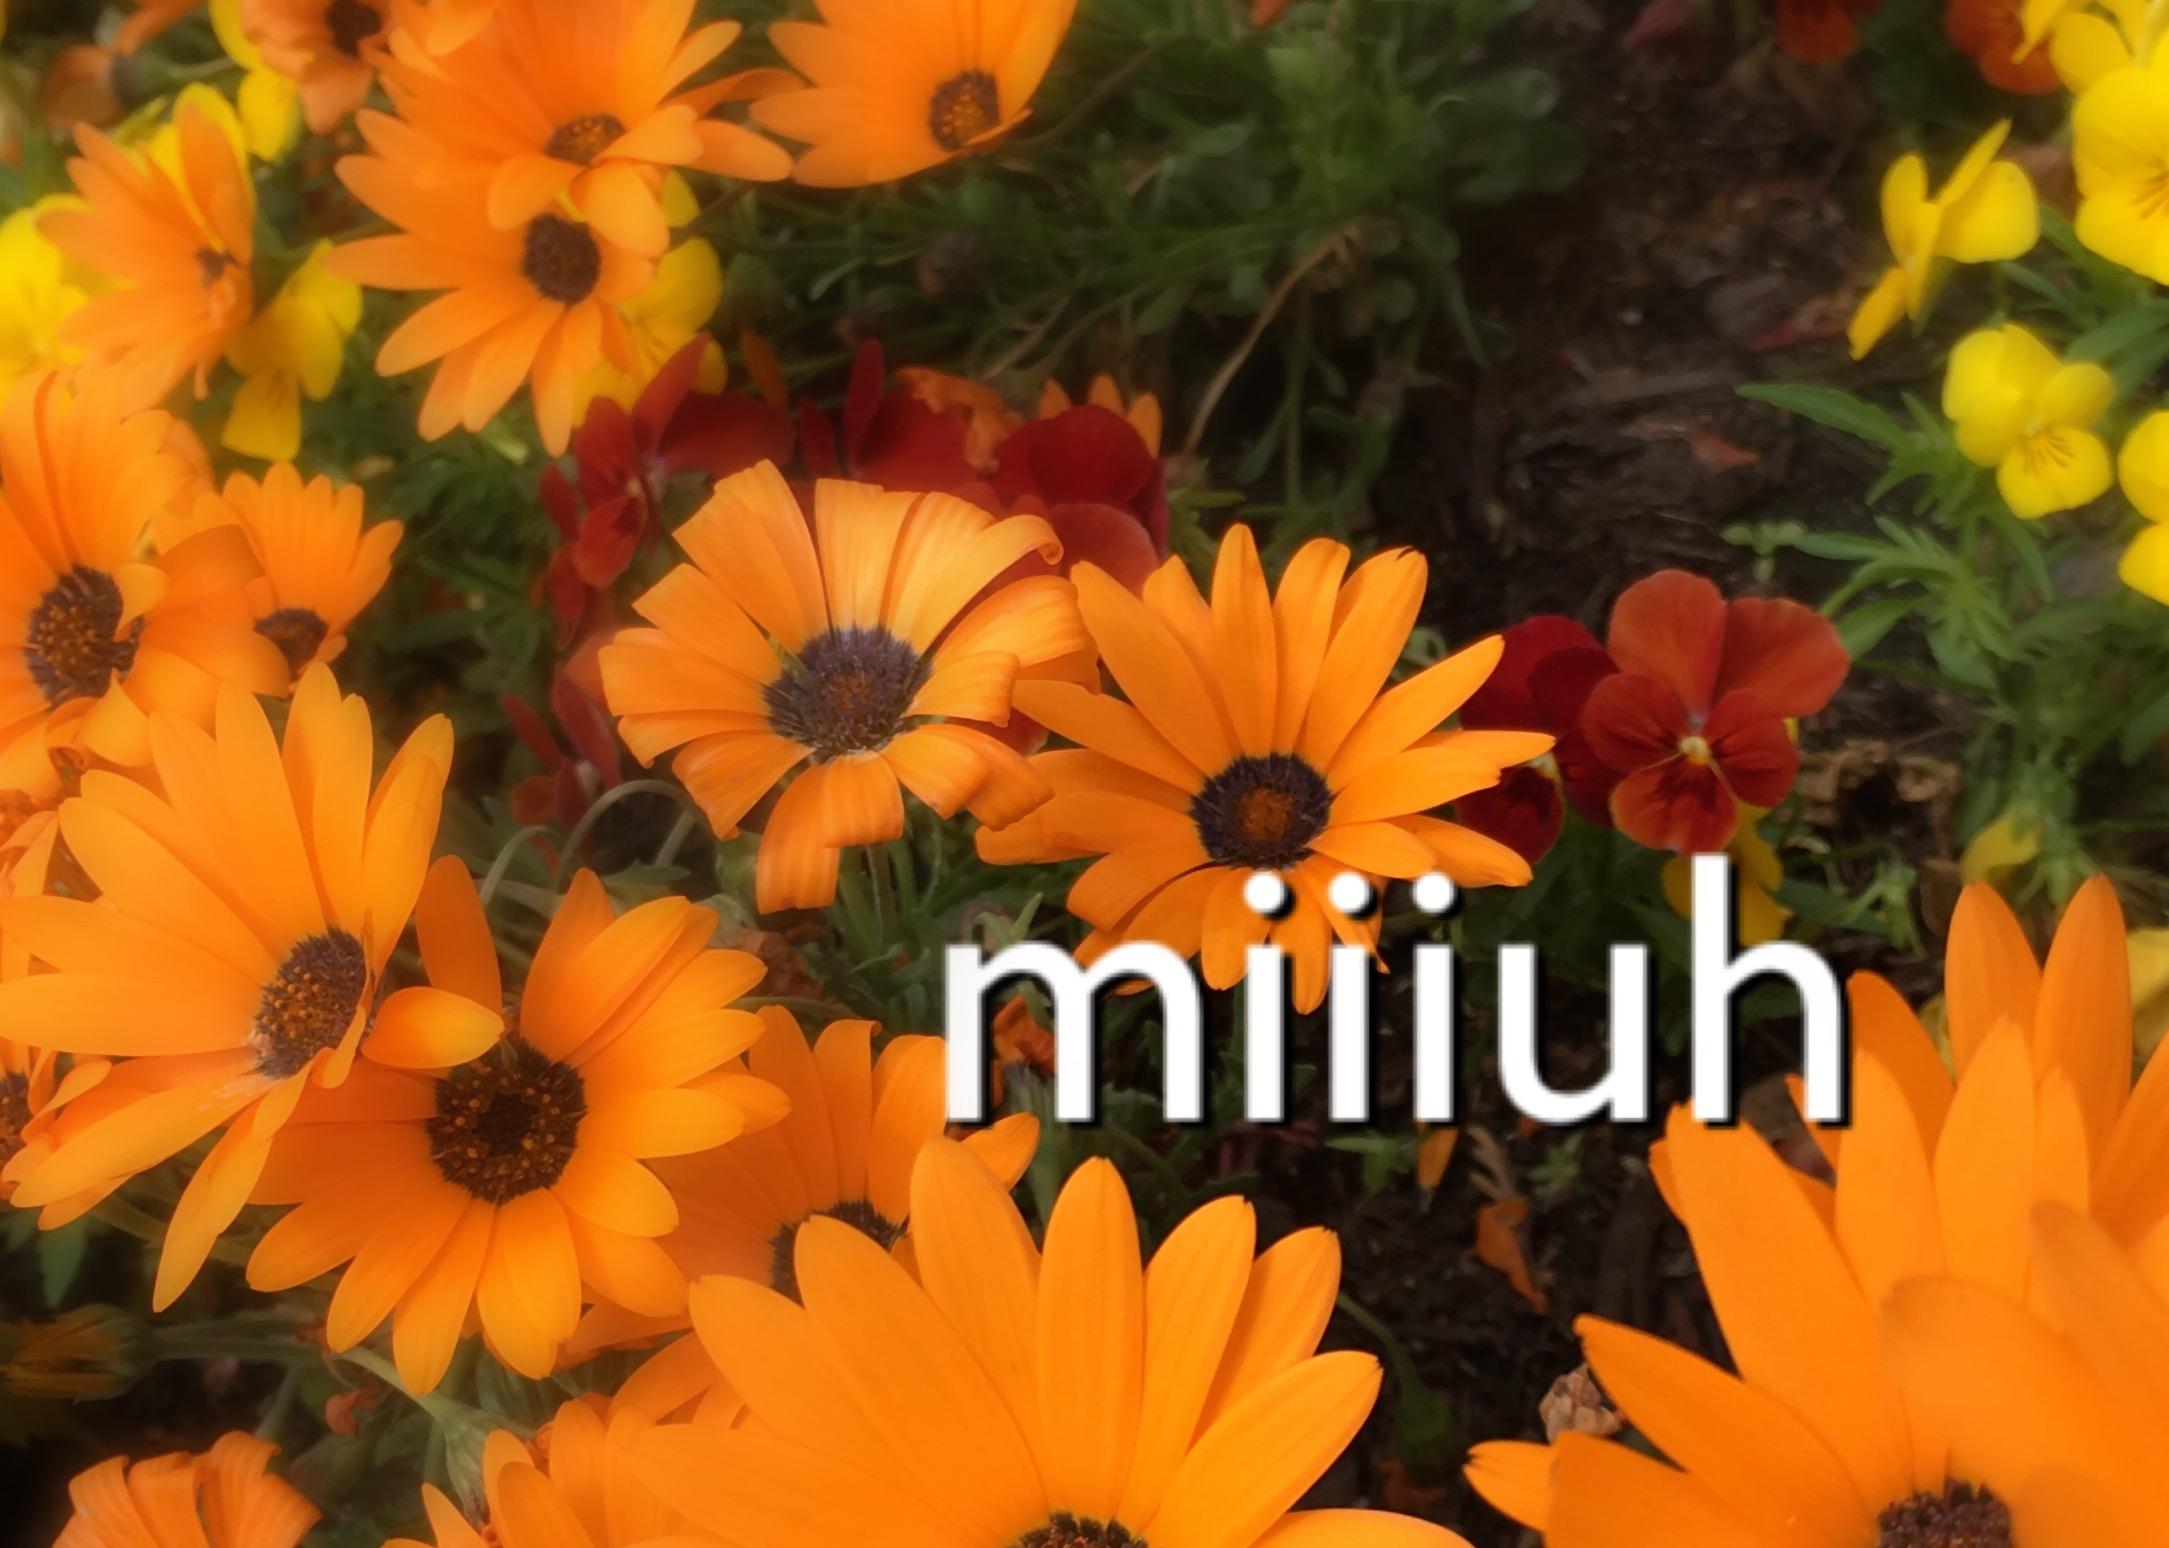 miiiuh